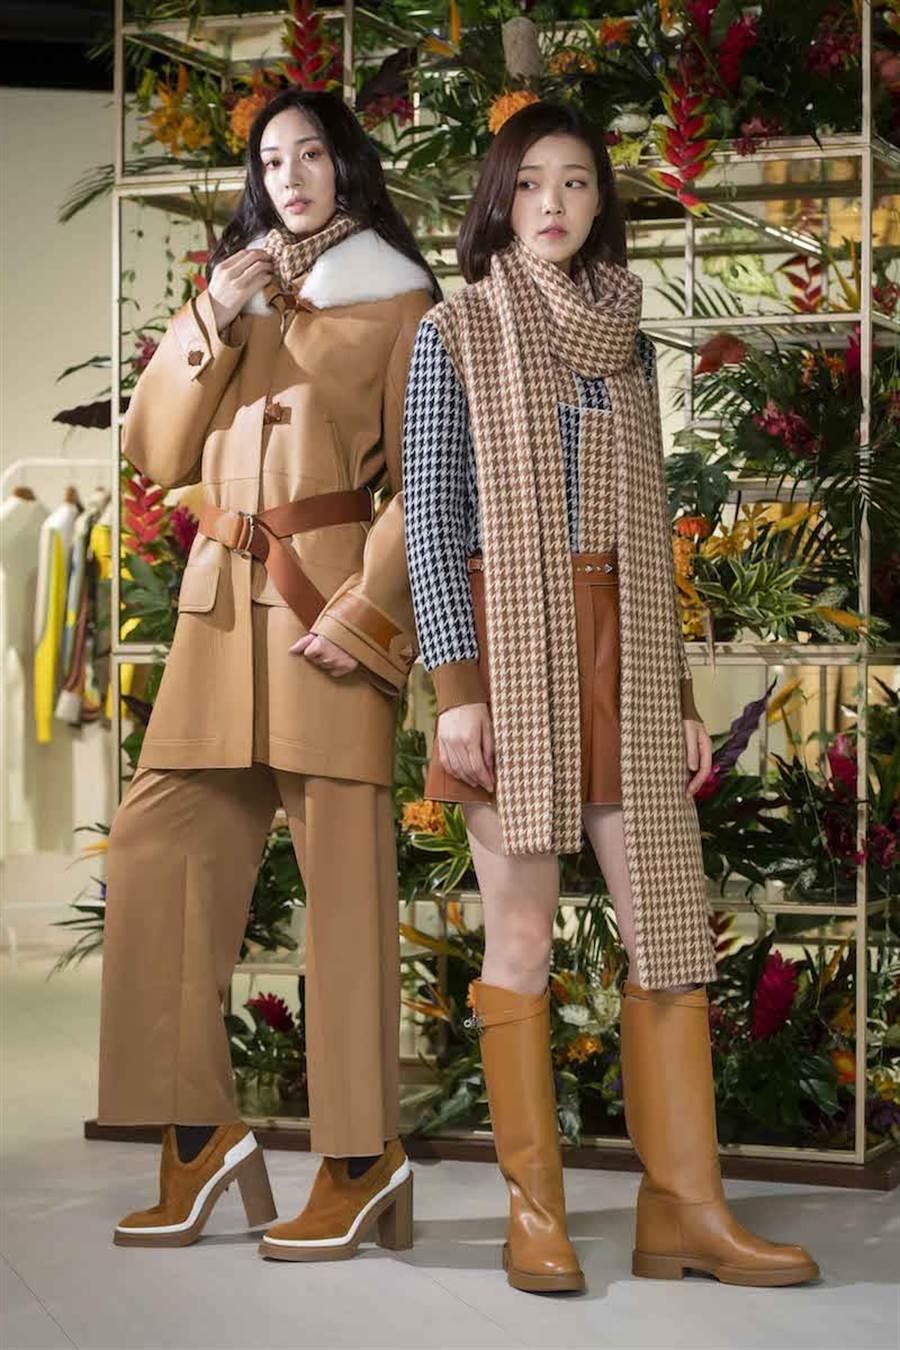 愛馬仕秋冬女裝融合新古典、新騎士風主義。左側模特兒的棕赭色可拆卸式剪羊毛皮衣領鹿皮大衣,靈感來自男士飛行員夾克,38萬8200元。棕色可拆卸式衣領喀什米爾羊絨套衫6萬6900元、棕赭色初剪羊毛高腰八分褲5萬6100元。 右側模特兒的棕色蘇格蘭羊絨提花針織毛衣,參考馬術騎士服的幾何色塊,5萬1800元。棕色蘇格蘭羊絨提花針織圍巾5萬4000元,焦糖棕色小牛皮短褲17萬2600元。(HERMES提供)